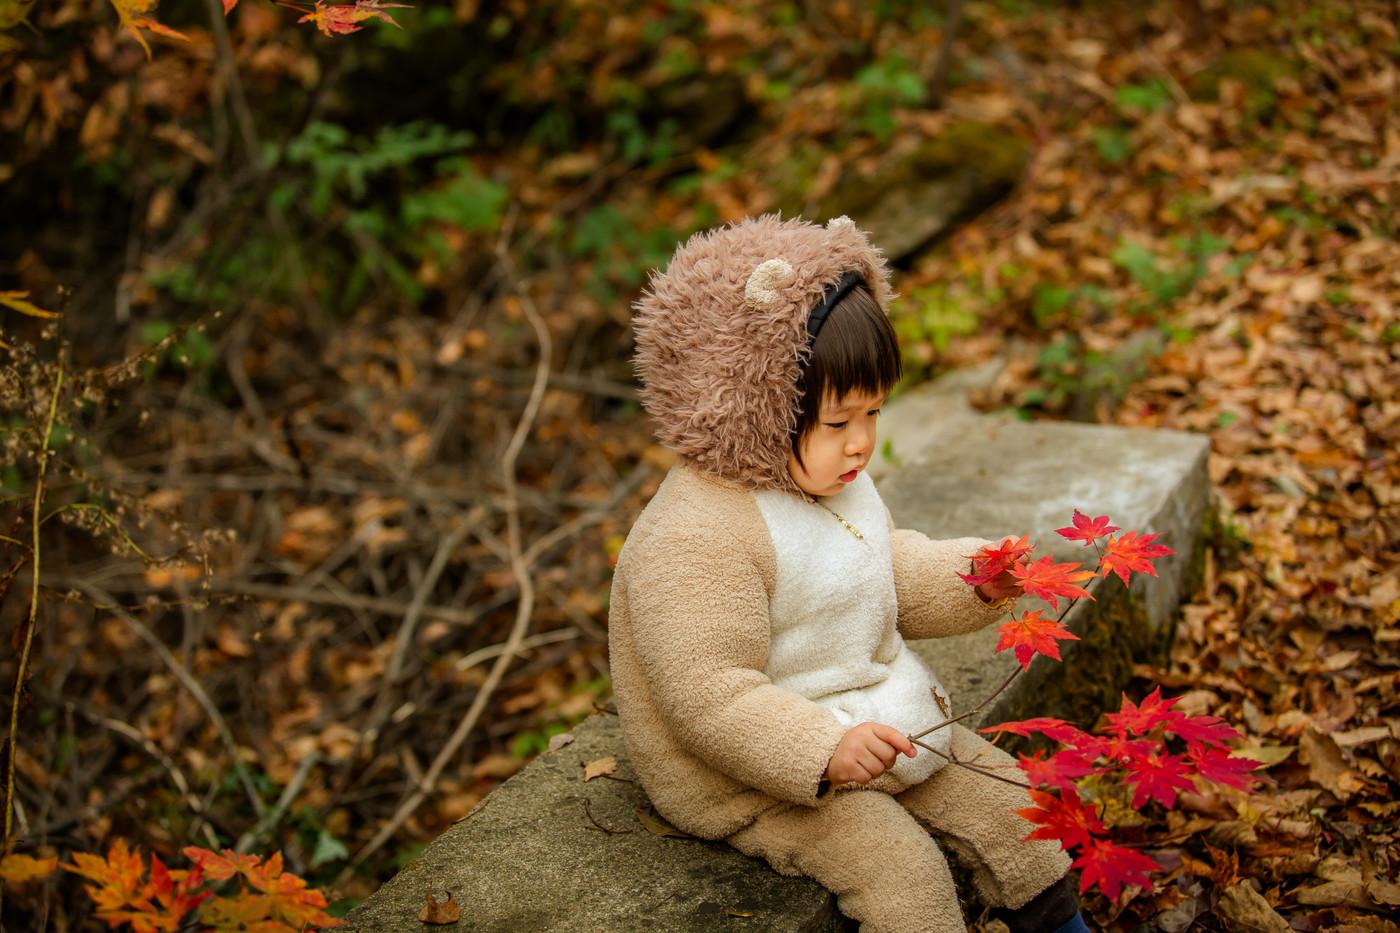 红叶林里的小可爱3